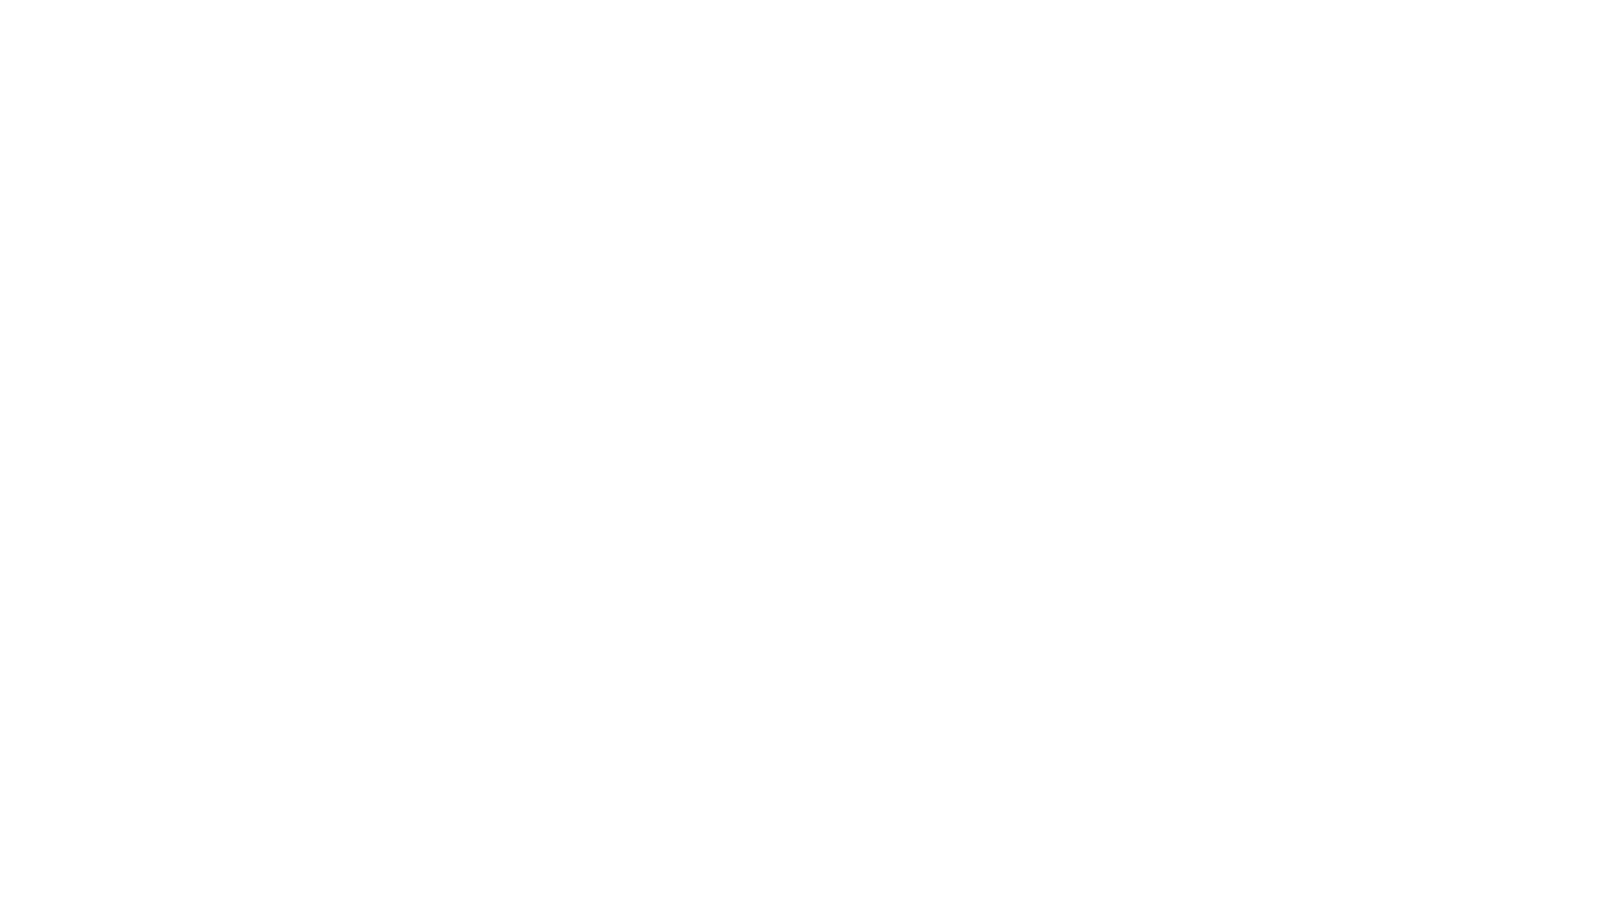 17.09.2021 Video della consegna delle teche in legno e velluto contenenti La Bandiera Italiana e quella della NATO in ricordo della cerimonia al Presidente della Repubblica Sergio Mattarella e al  Vice Segretario Generale della NATO Mircea Geoana presso Lago Patria (Na) per il settantesimo anniversario della NATO in Italia presso l'Allied Joint Force Command Naples.  Presenti alla storica cerimonia anche l'Ammiraglio Robert Burke, Comandante del Comando Interforze Alleato di Napoli e Comandante delle Forze Navali U.S.A. in Europa e in Africa e il Ministro della Difesa Lorenzo Guerini. Maggiori informazioni qui : https://www.difesa.it/Primo_Piano/Pagine/70-anniversario-della-NATO-in-Italia.aspx https://www.quirinale.it/elementi/59670 JFC Naples Facebook: https:l/www.facebook.com/NATOJFCNAPLES   Grazie per la visione  www.coinsandmore.it